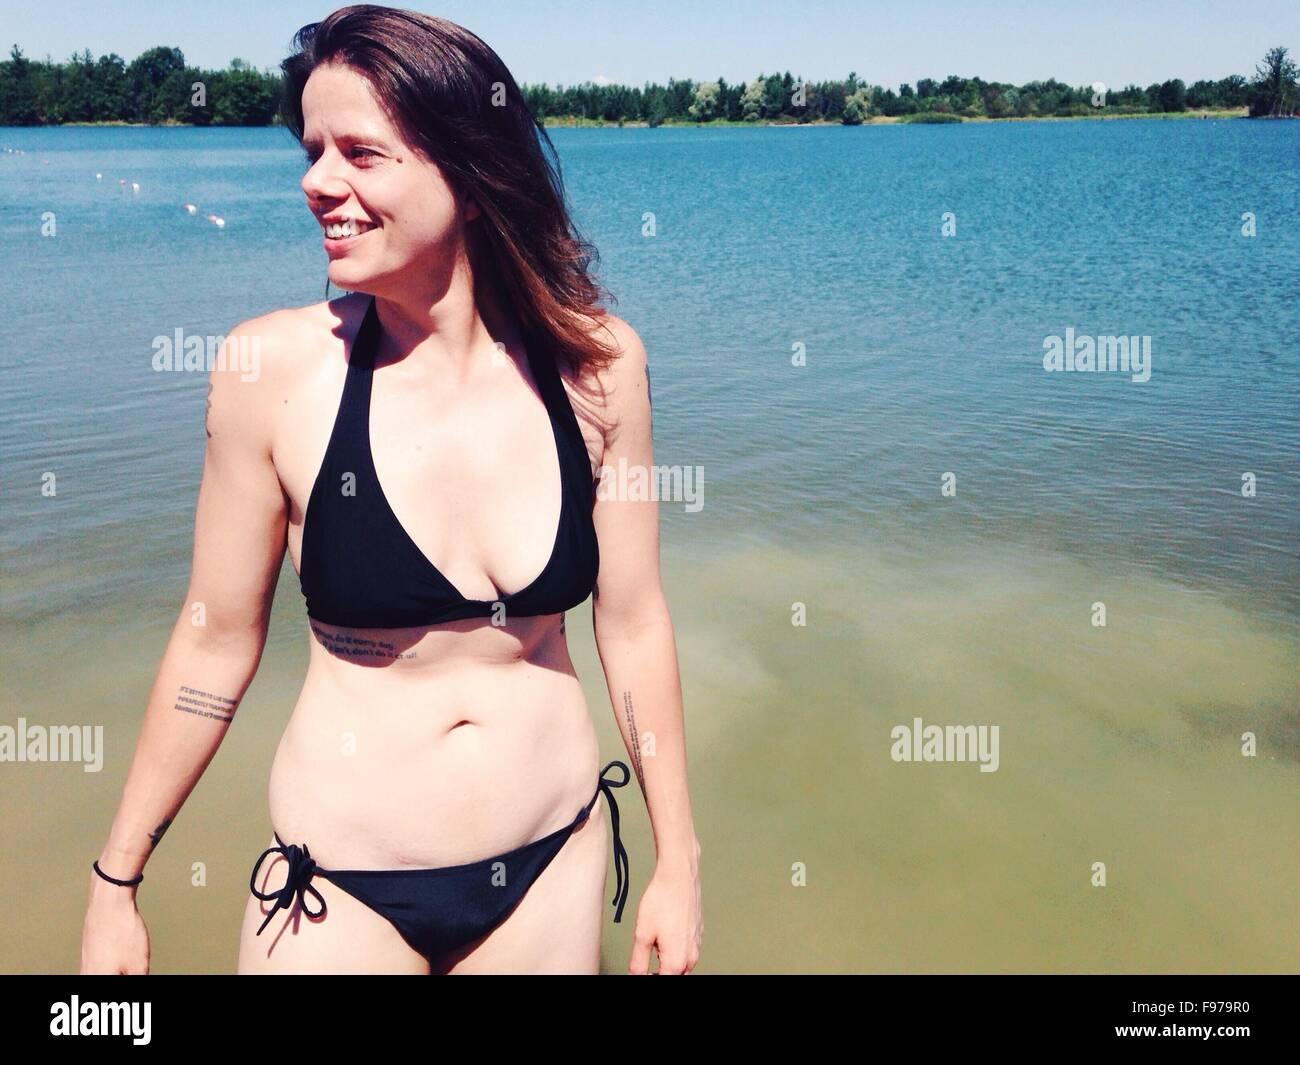 Beautiful Woman In Bikini With Sea In The Background - Stock Image